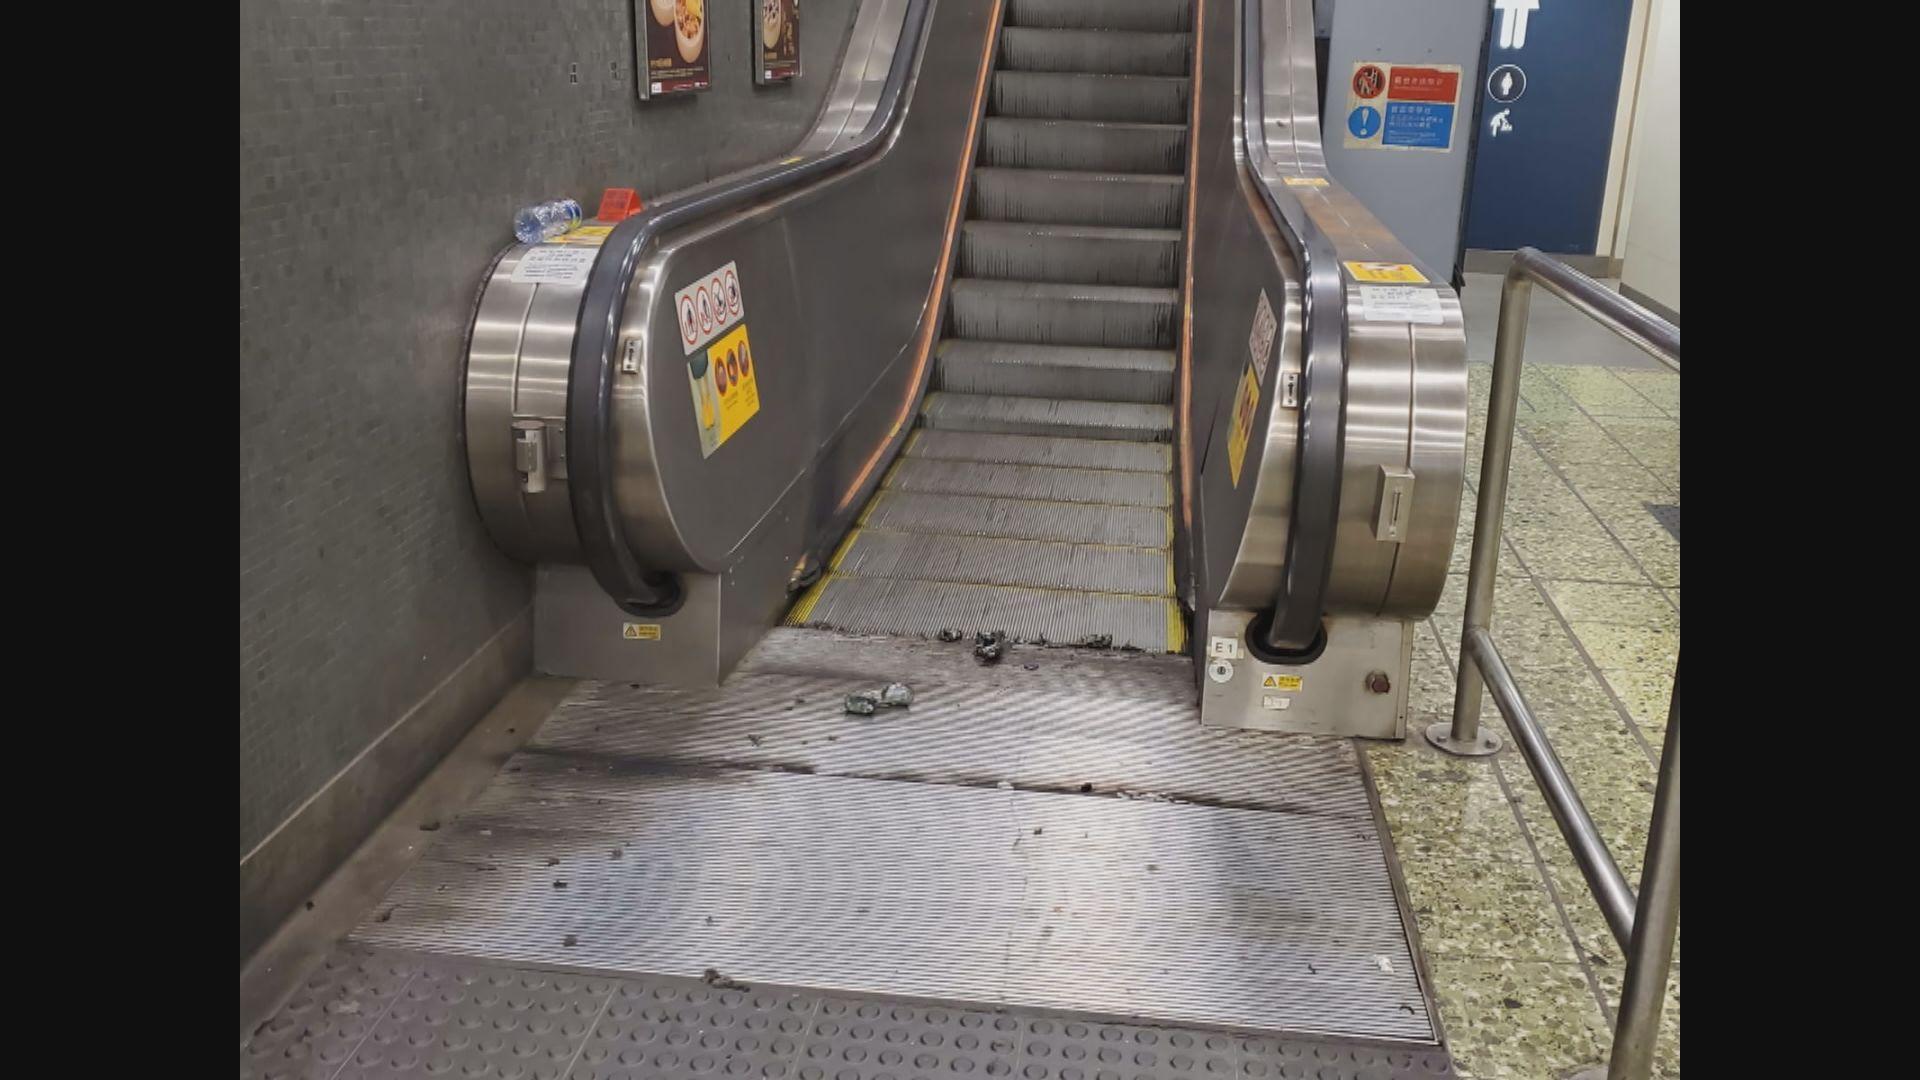 港鐵對針對車站襲擊及惡意破壞表示強烈憤慨